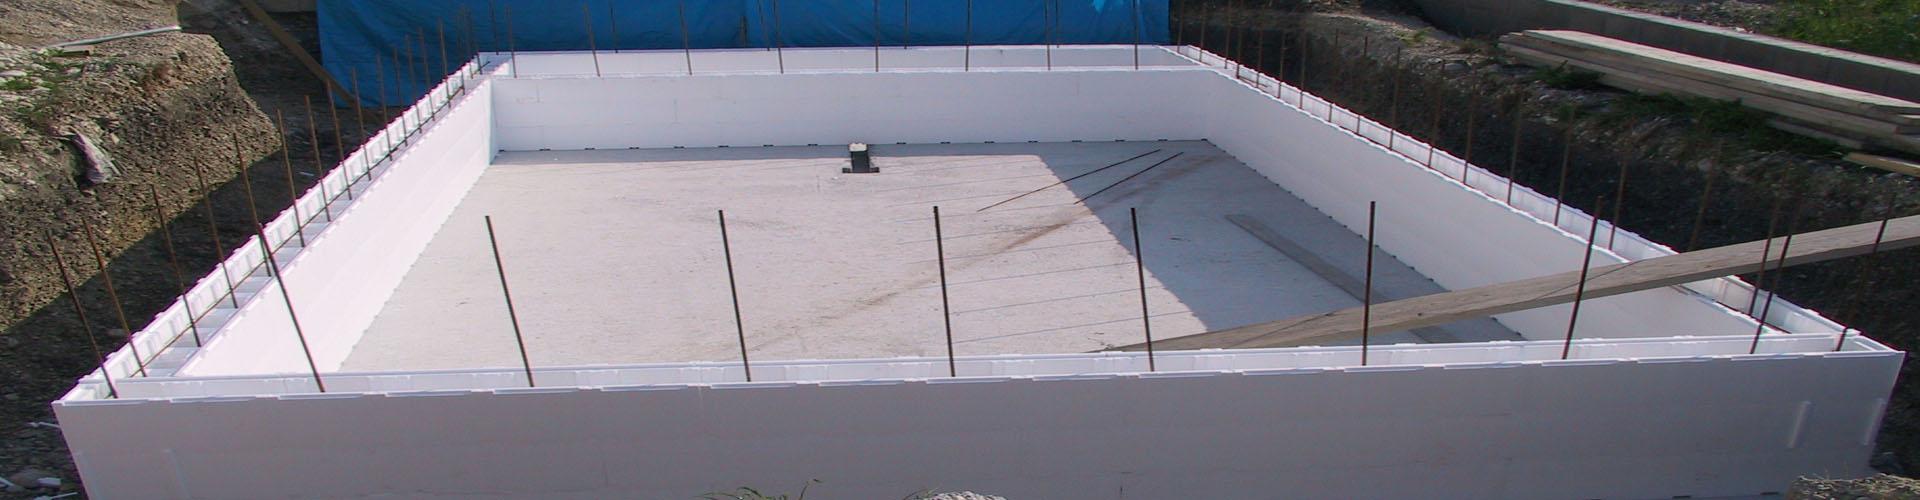 Styroporstein Set - versch. Poolgrößen